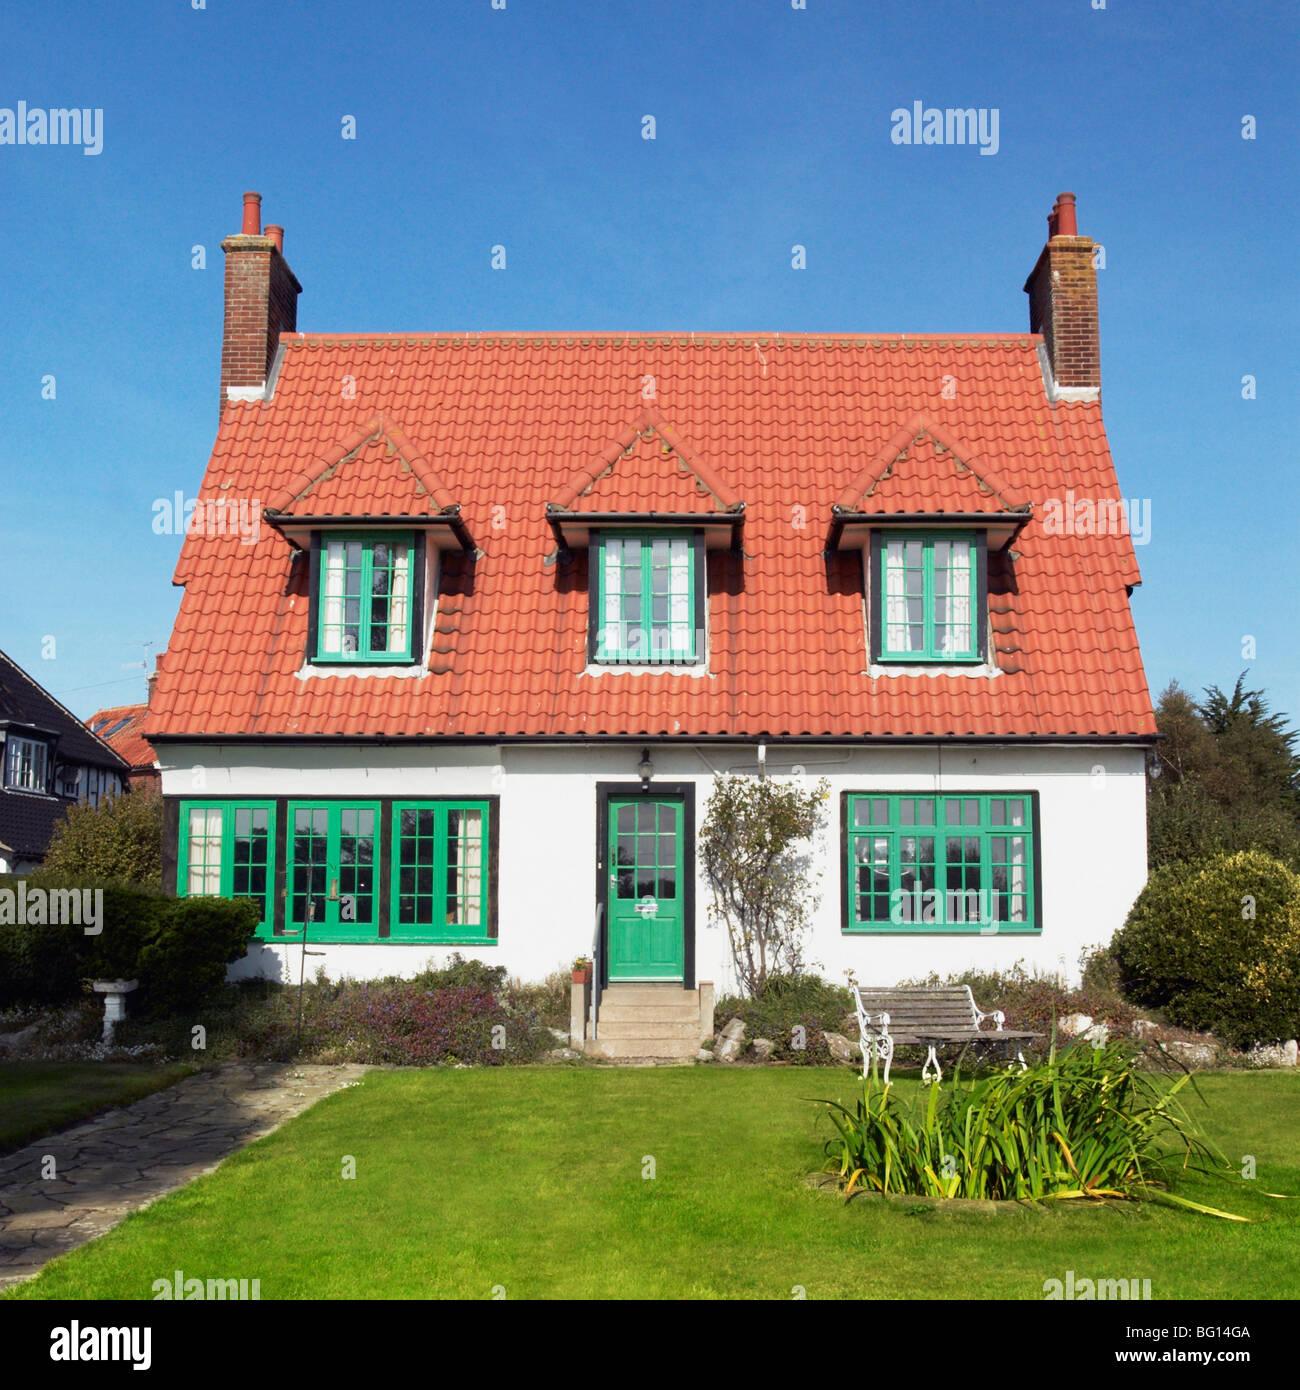 1920 casa e jardim frontal. Thorpeness, Suffolk, Reino Unido Imagens de Stock